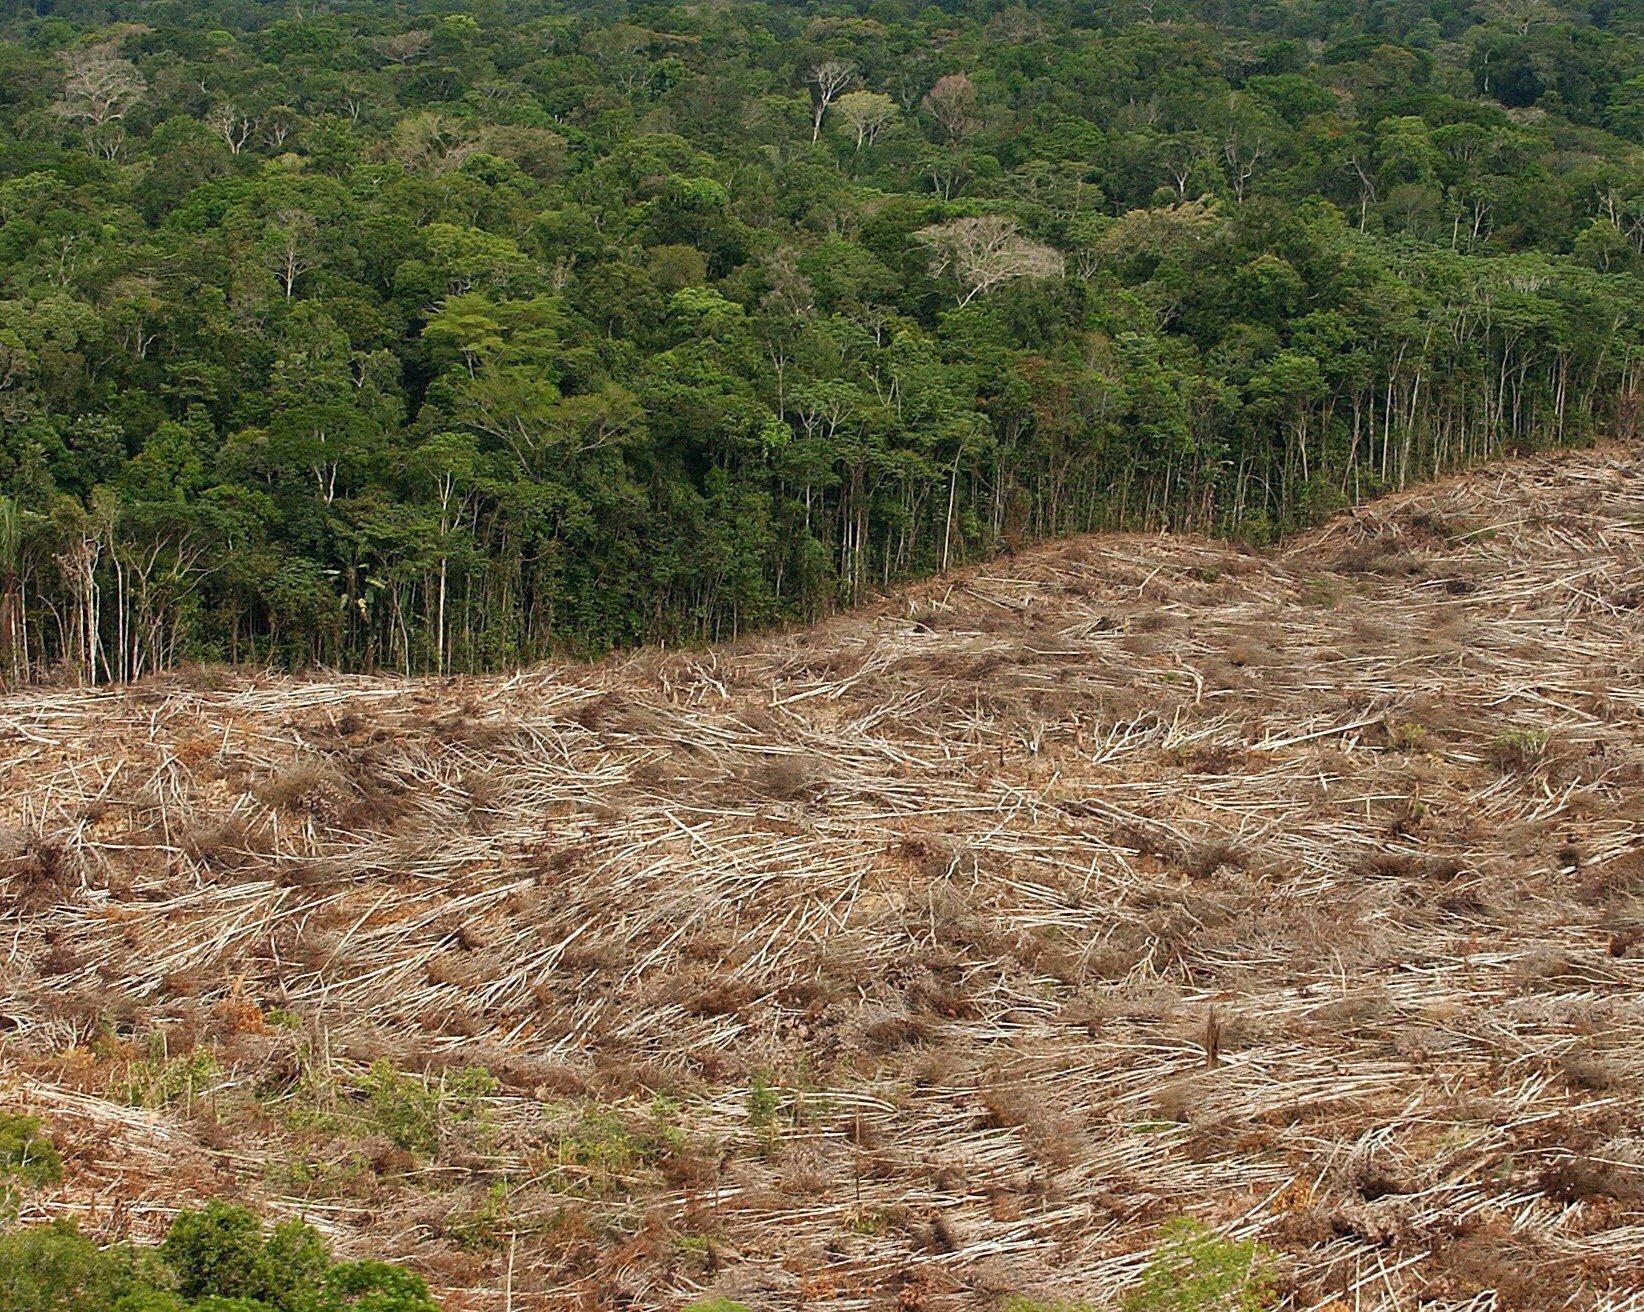 Amazonas-Gold: Das schmutzige Geschäft in Brasiliens Regenwald